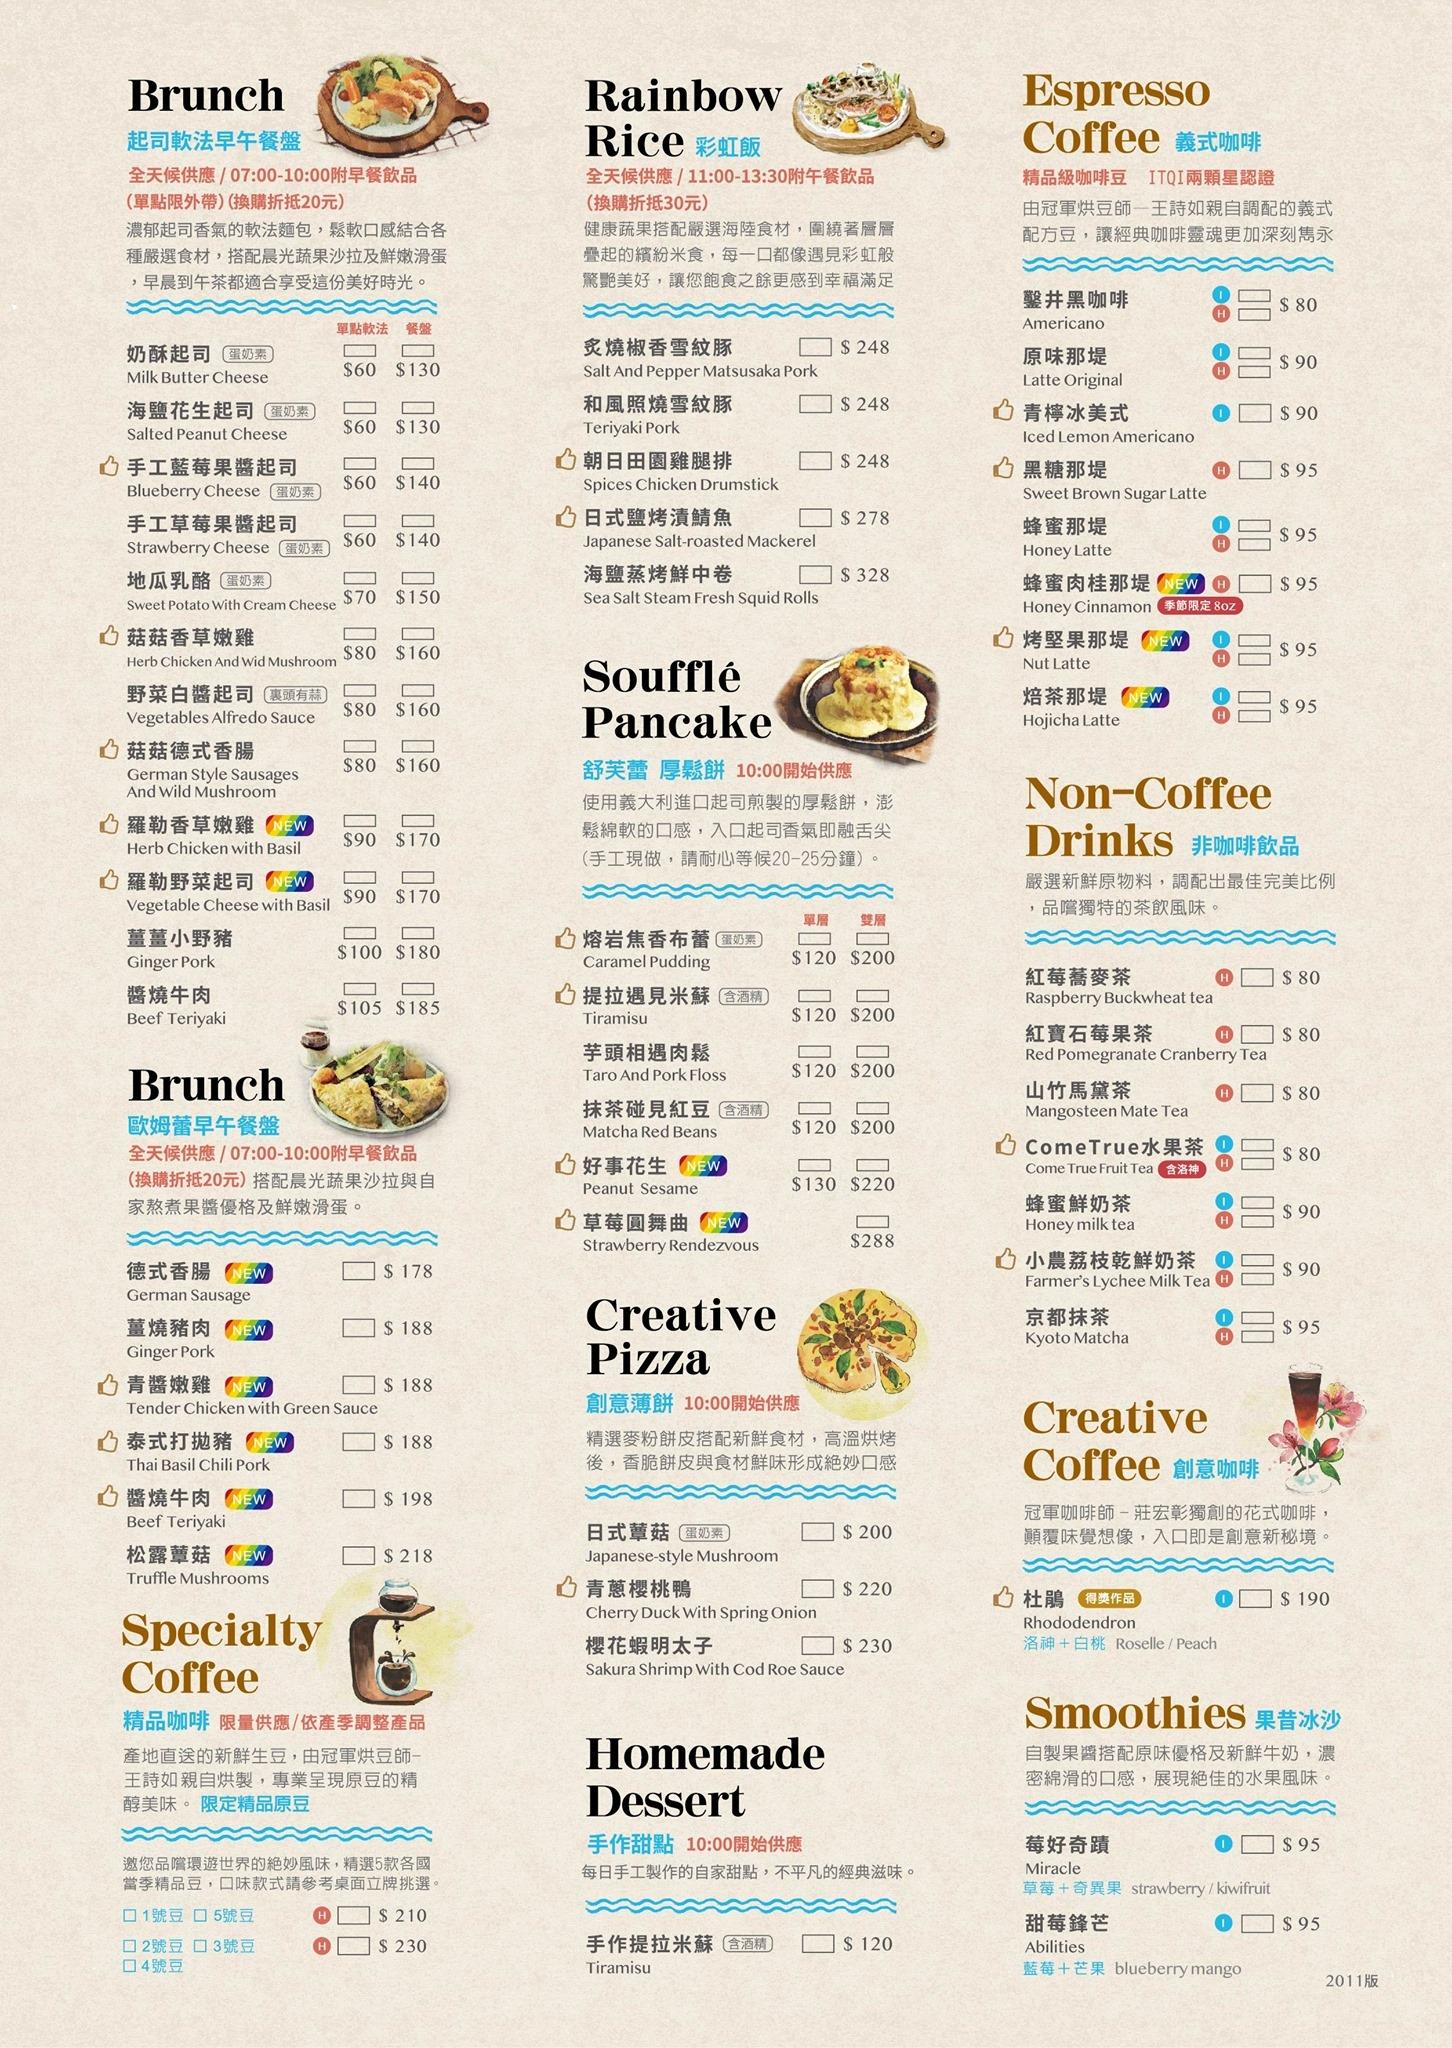 成真咖啡-中原-舒芙蕾-menu